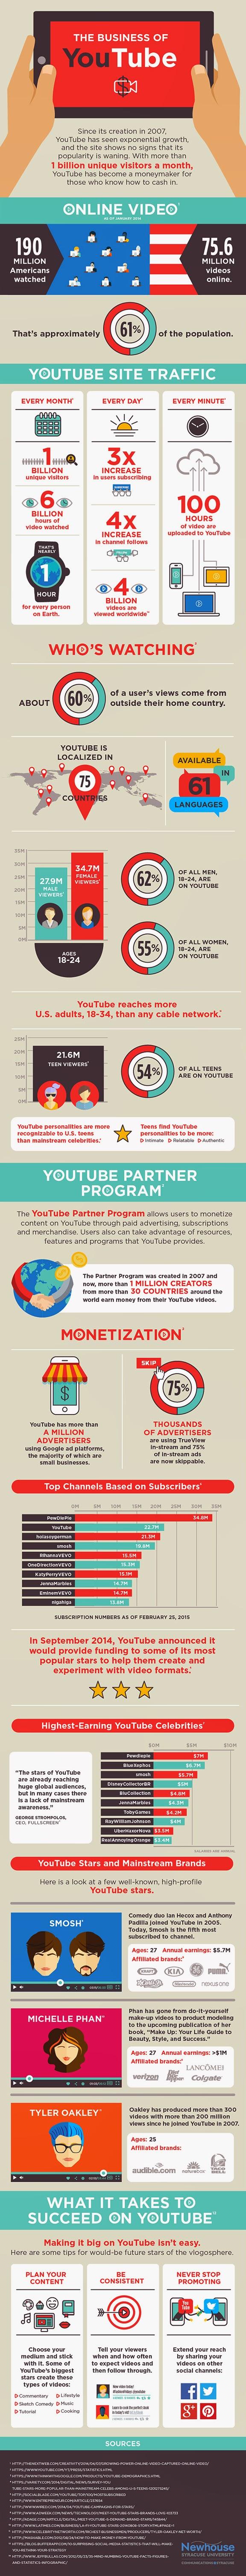 El negocio de YouTube